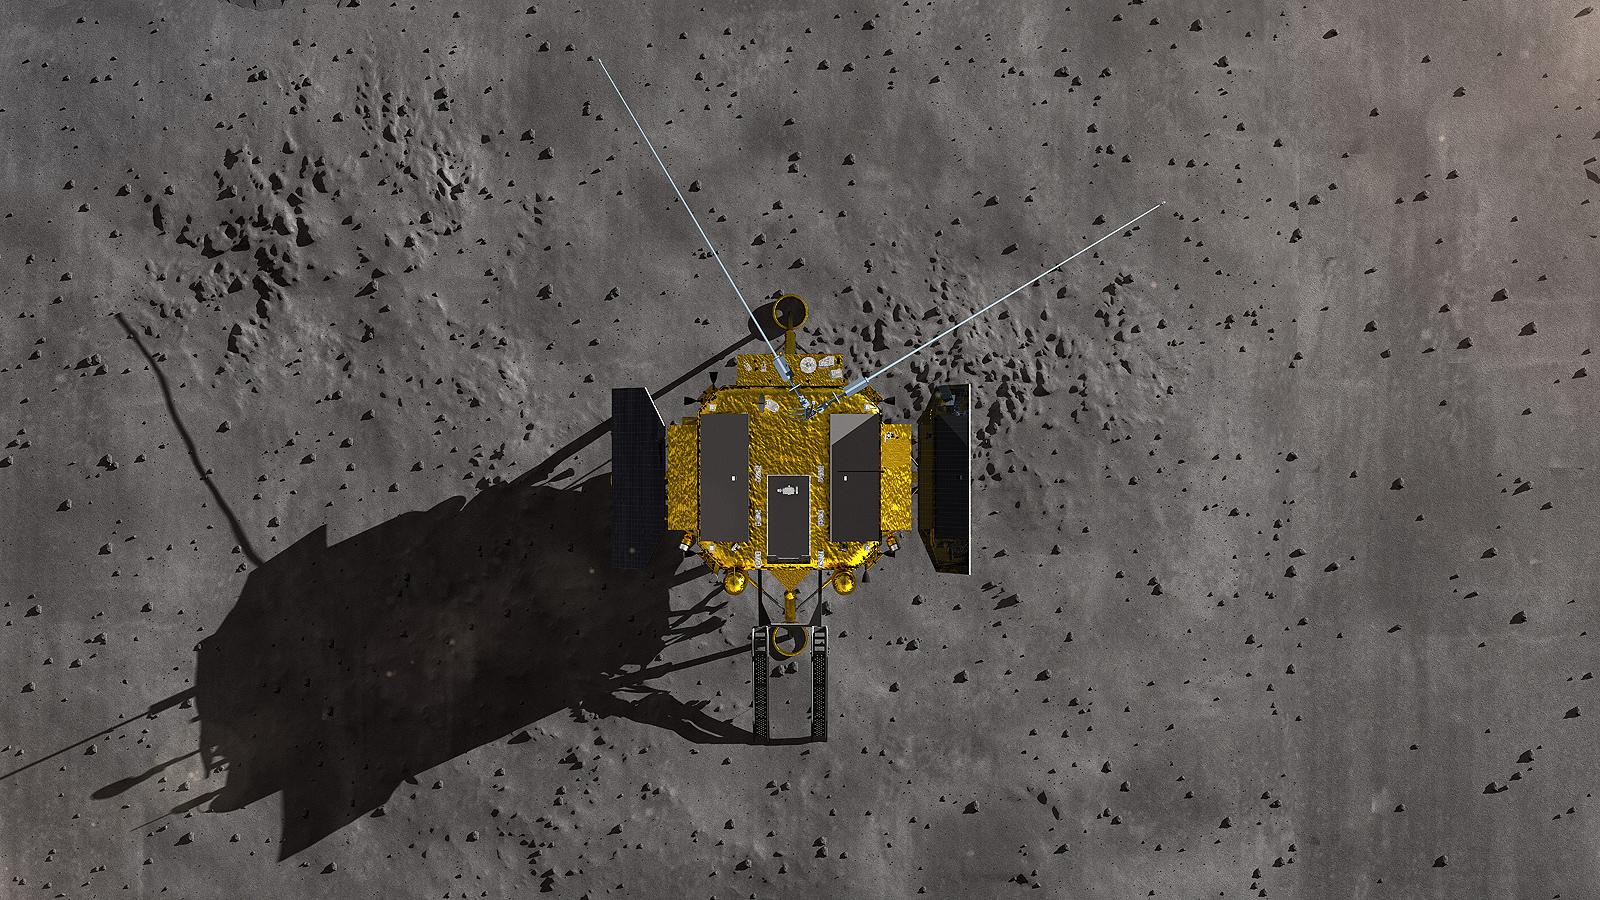 """Очаква се китайската лунна сонда """"Chang'e-4"""" да направи меко кацане в тъмната (далечната) страна на луната през следващите дни"""